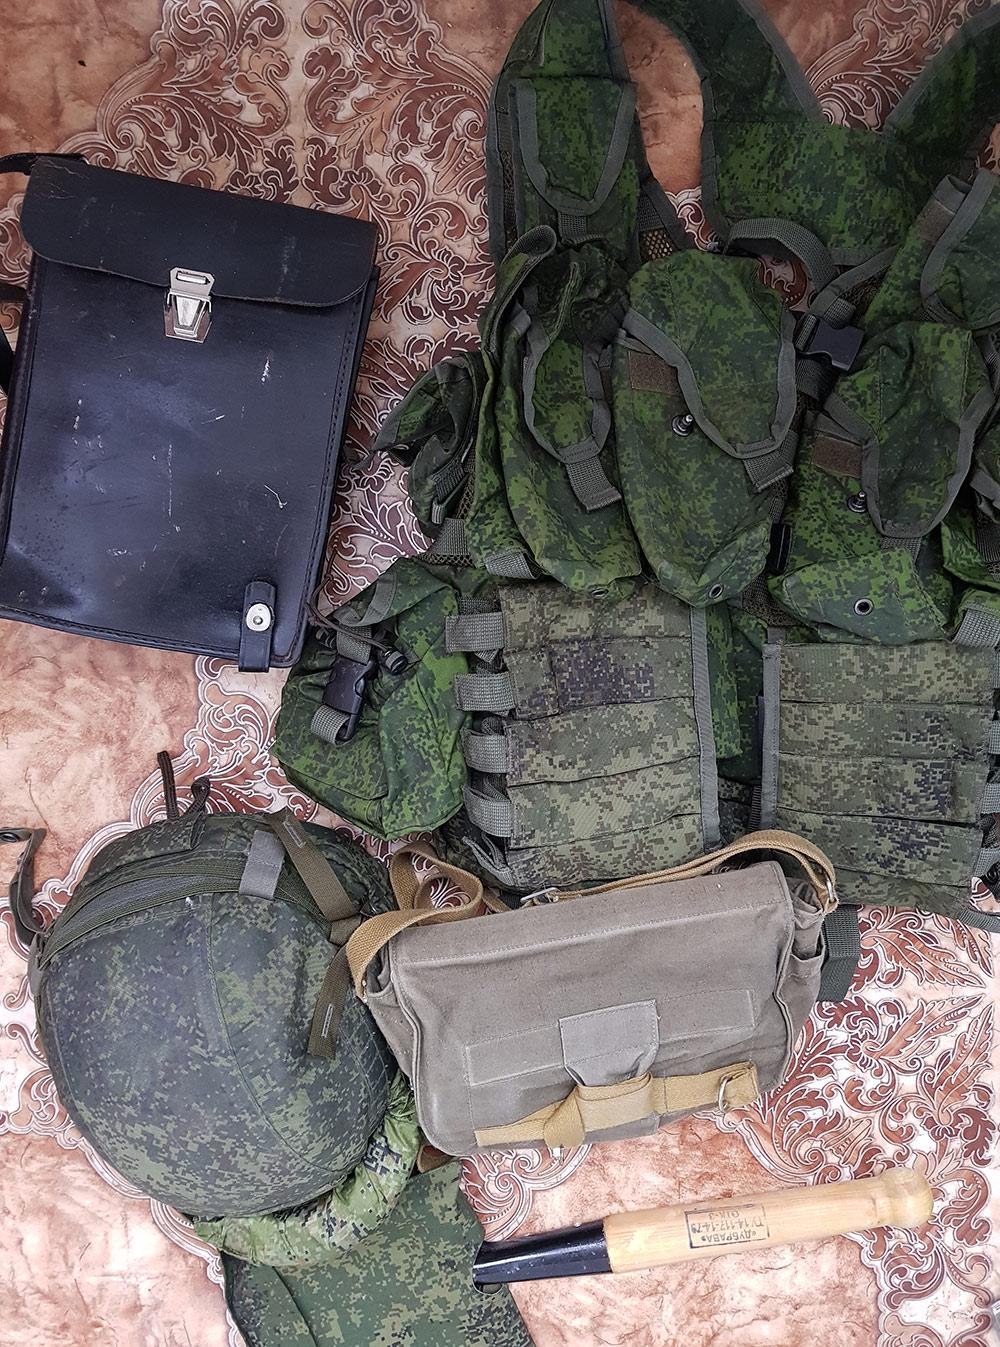 Планшет для тетрадей и карандашей, жилет-разгрузка с карманами под боеприпасы, рации, каска, противогаз в сумке, саперная лопата